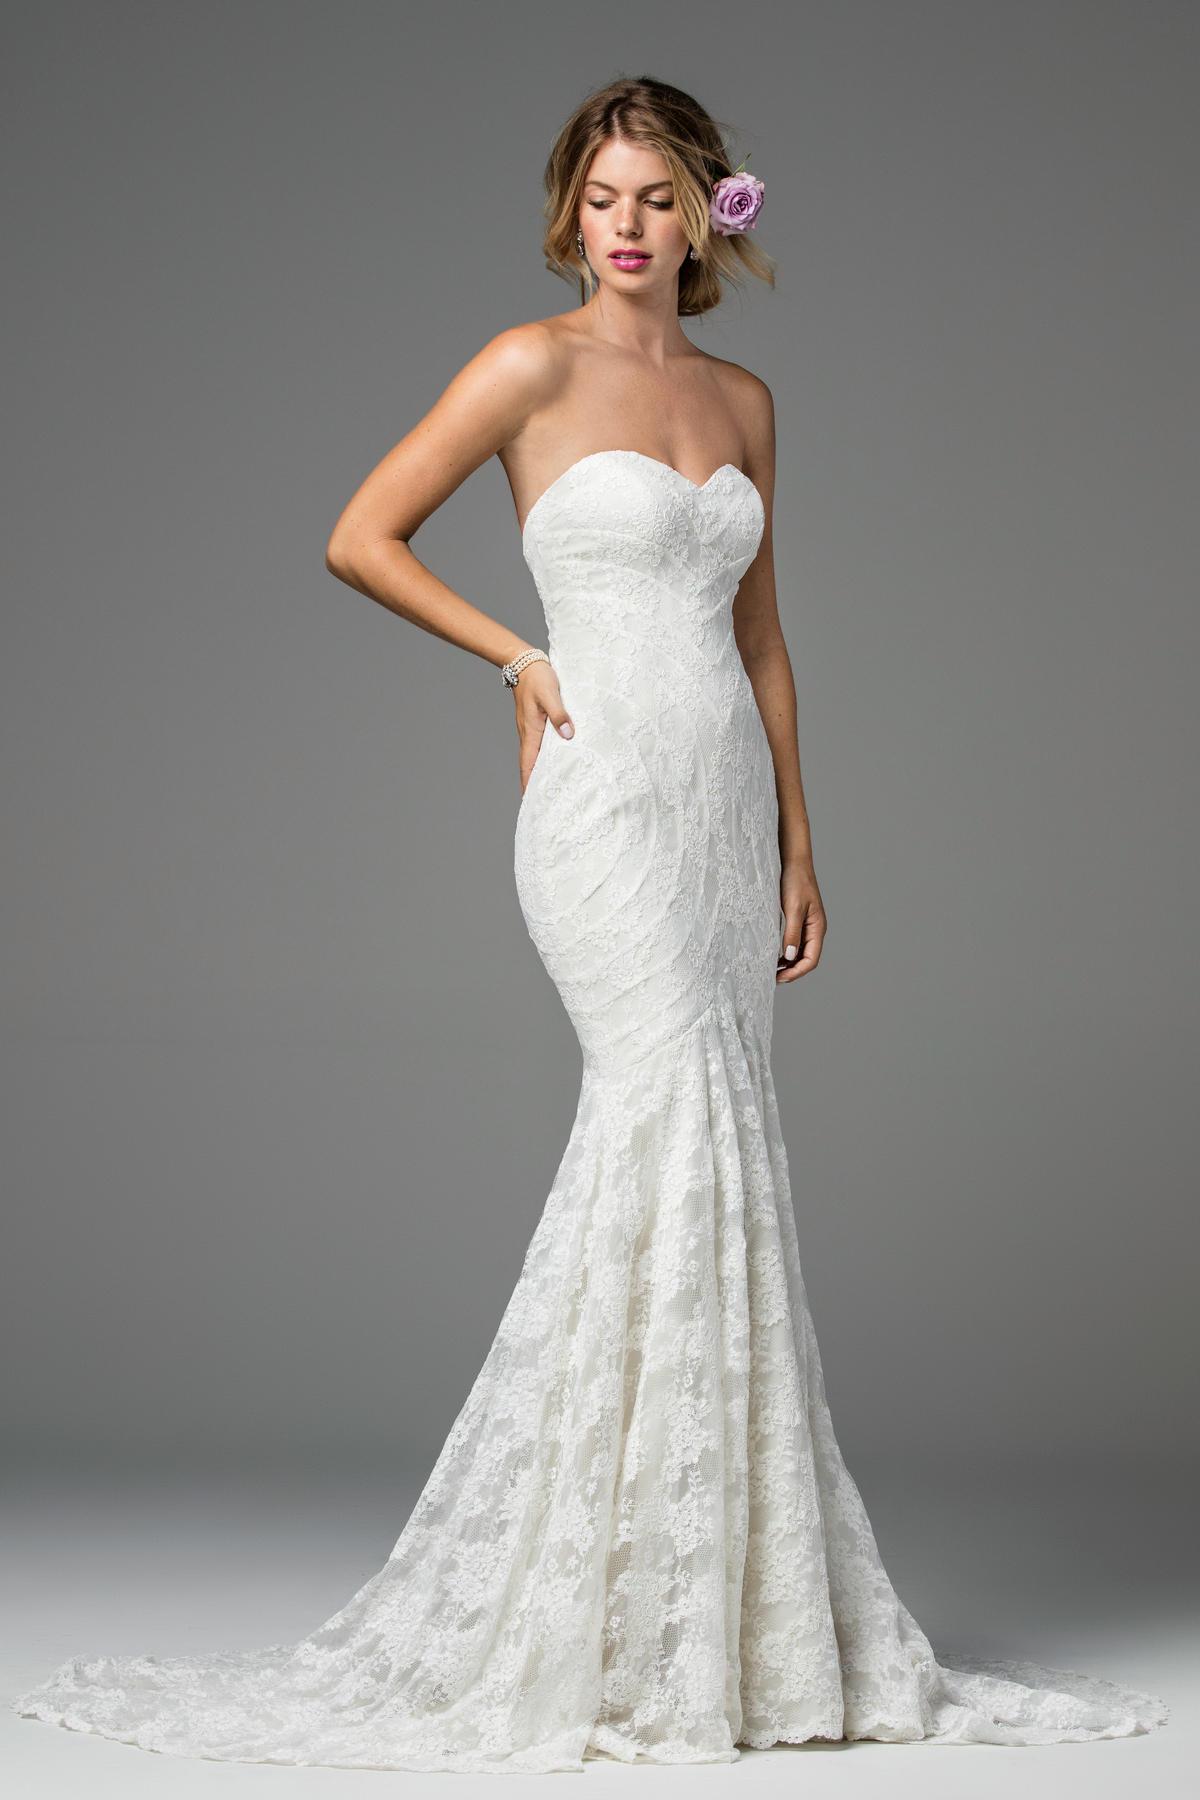 WTOO_Afina_Andreas Bridal_Bridal gown - Andrea\'s Bridal